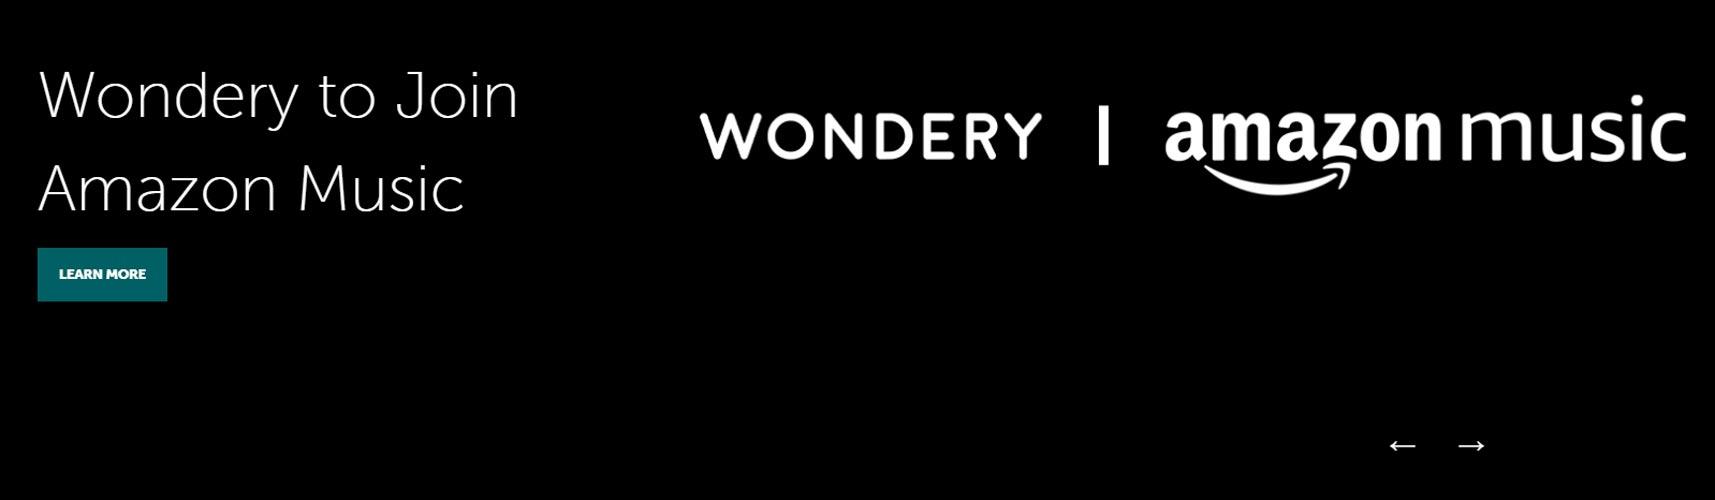 Amazon acquires Wondery